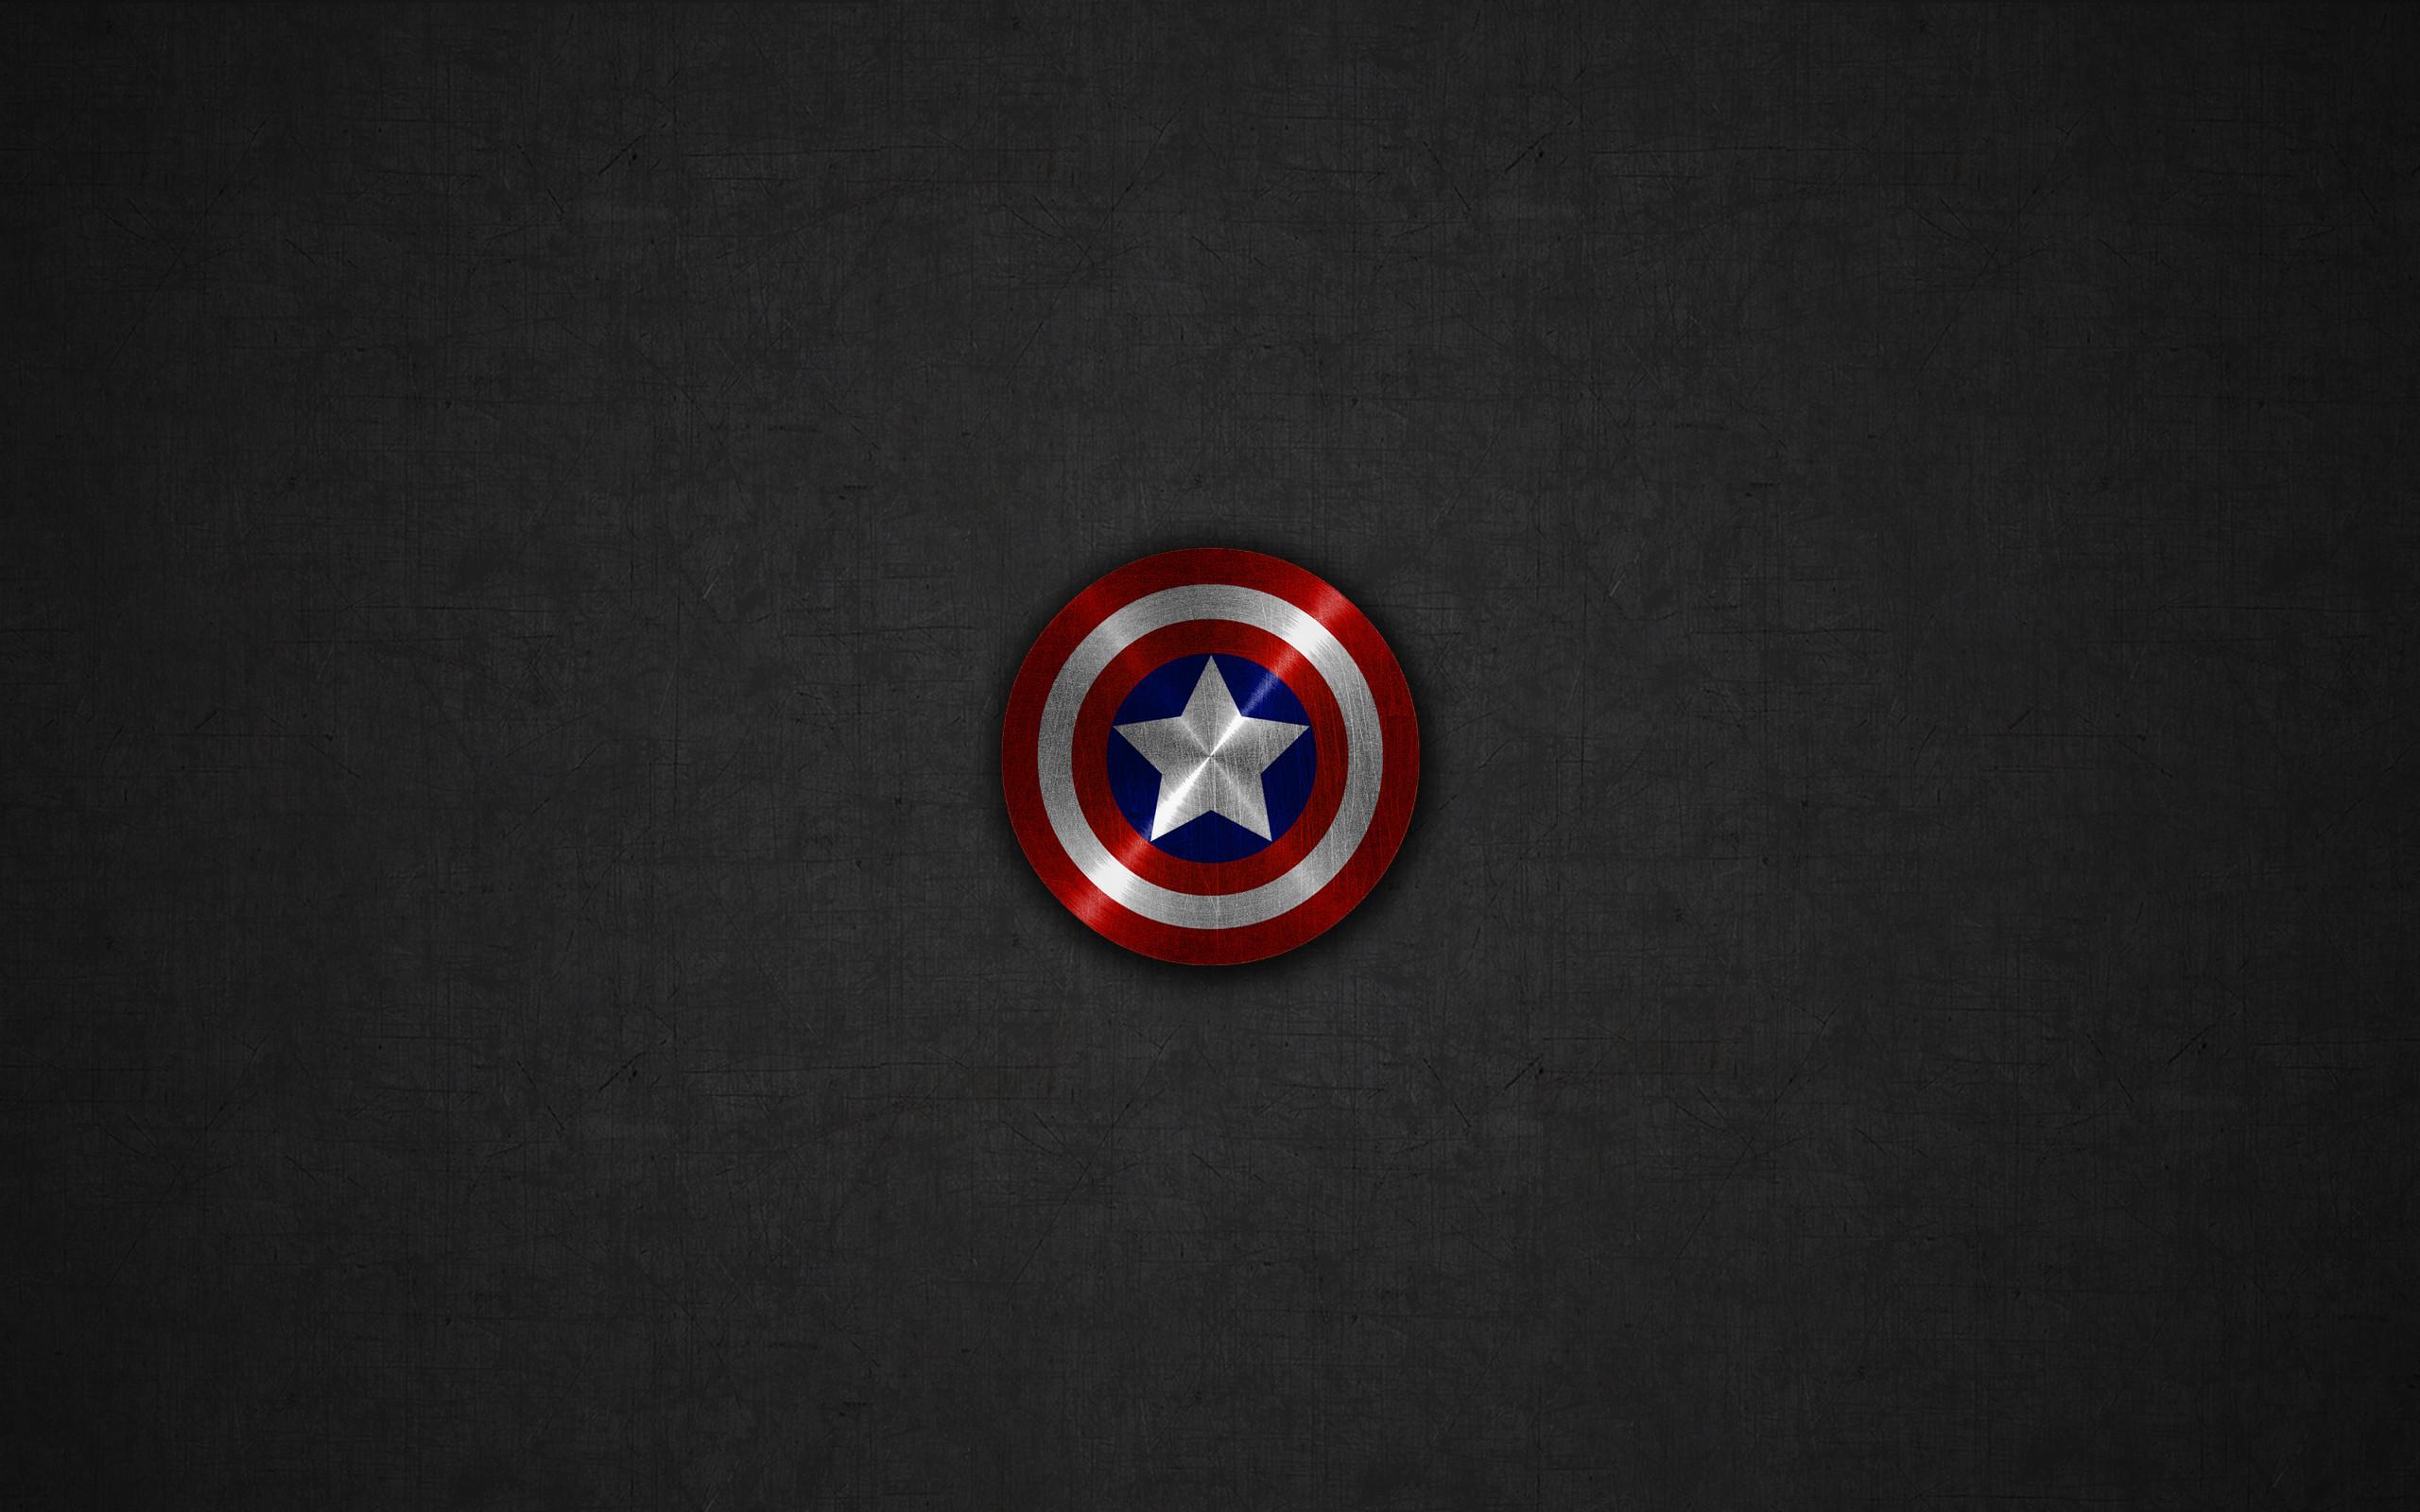 2560x1600 Captain America Shield Wallpaper